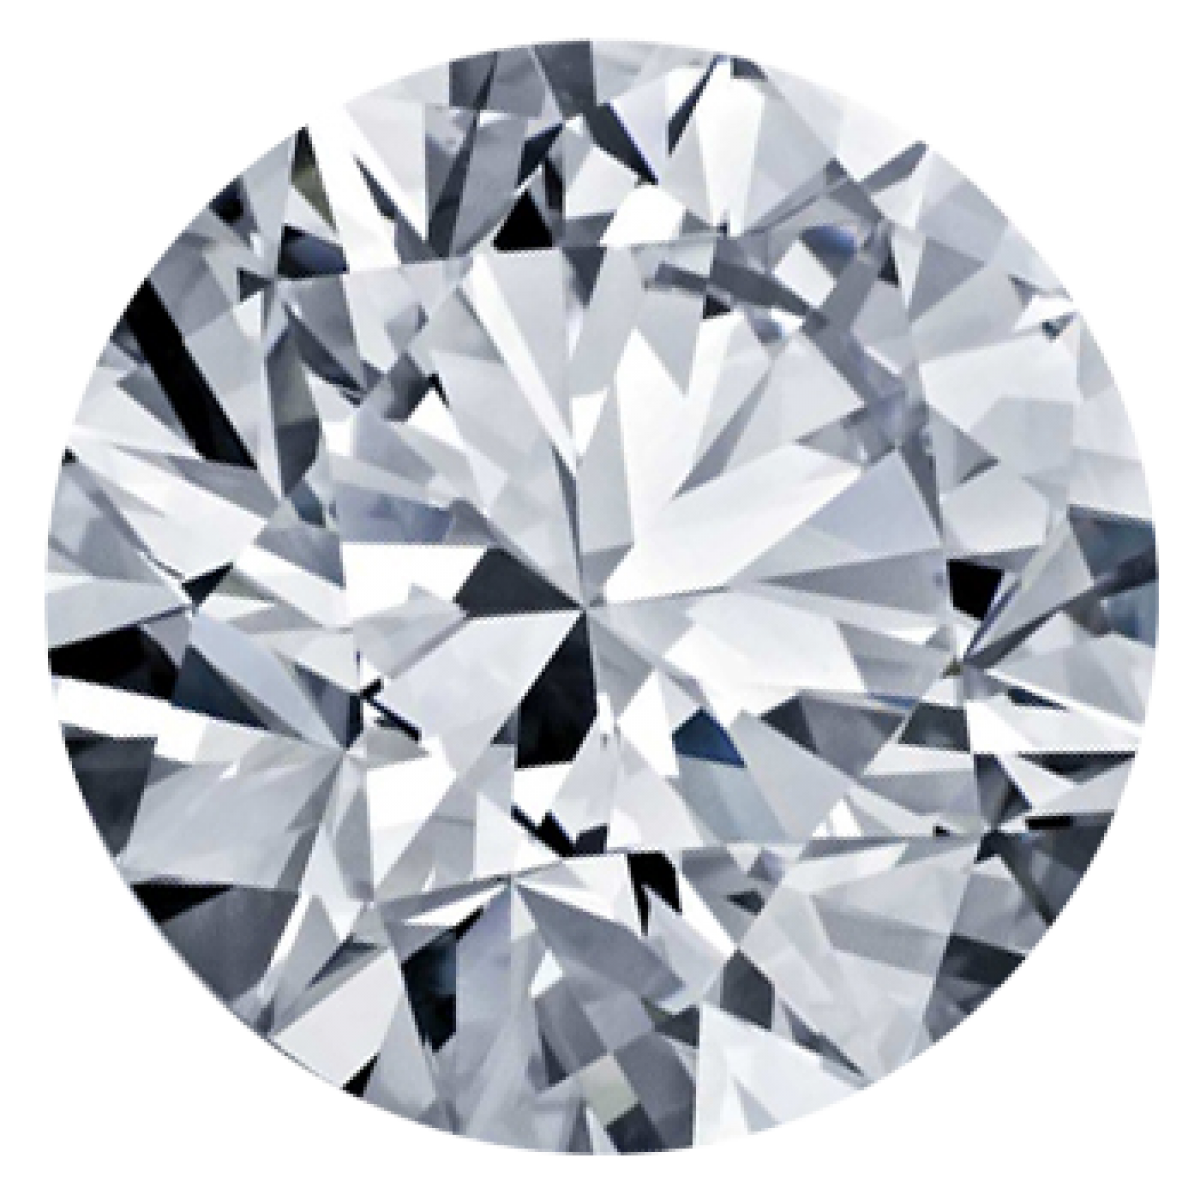 2CT Round H SI2 Lab Grown Diamond 9995